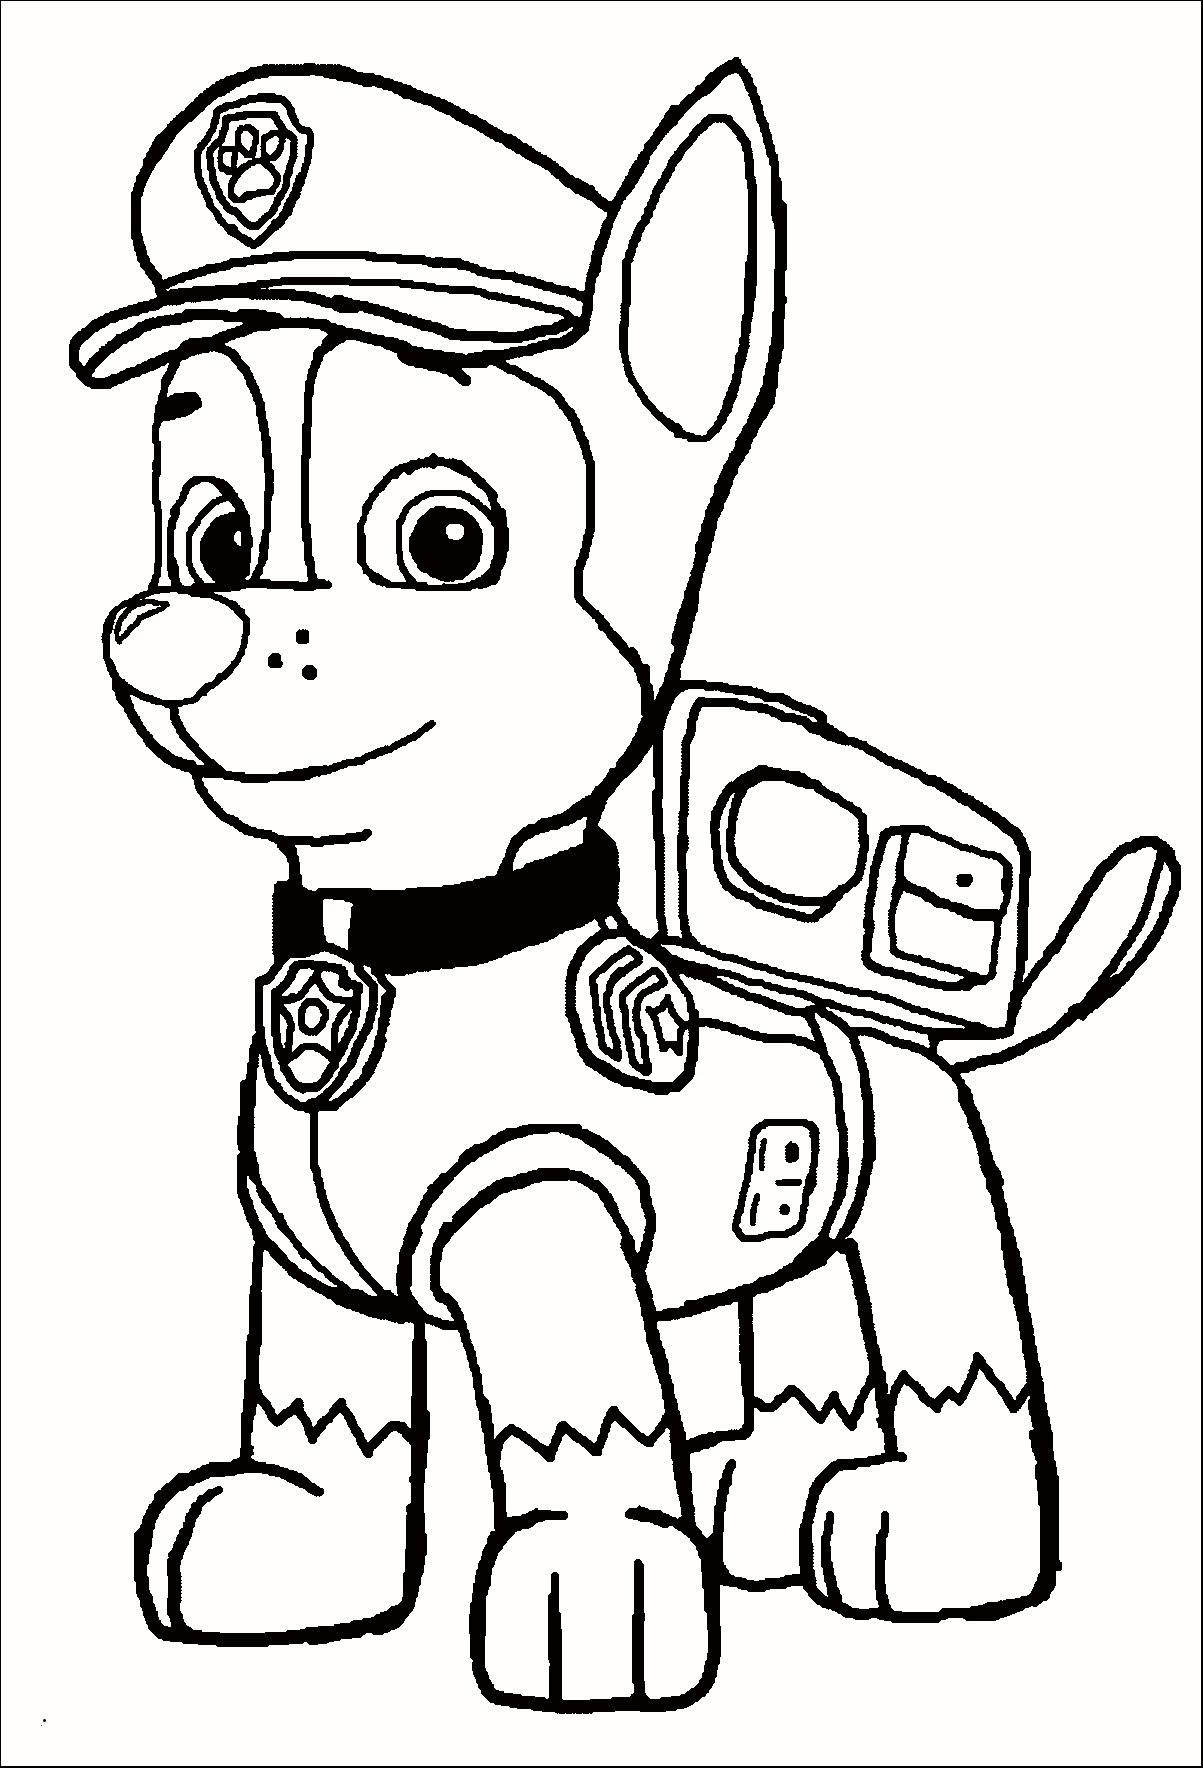 Paw Patrol Ausmalen Neu 36 Skizze Paw Patrol Ausmalbilder Chase Treehouse Nyc Galerie